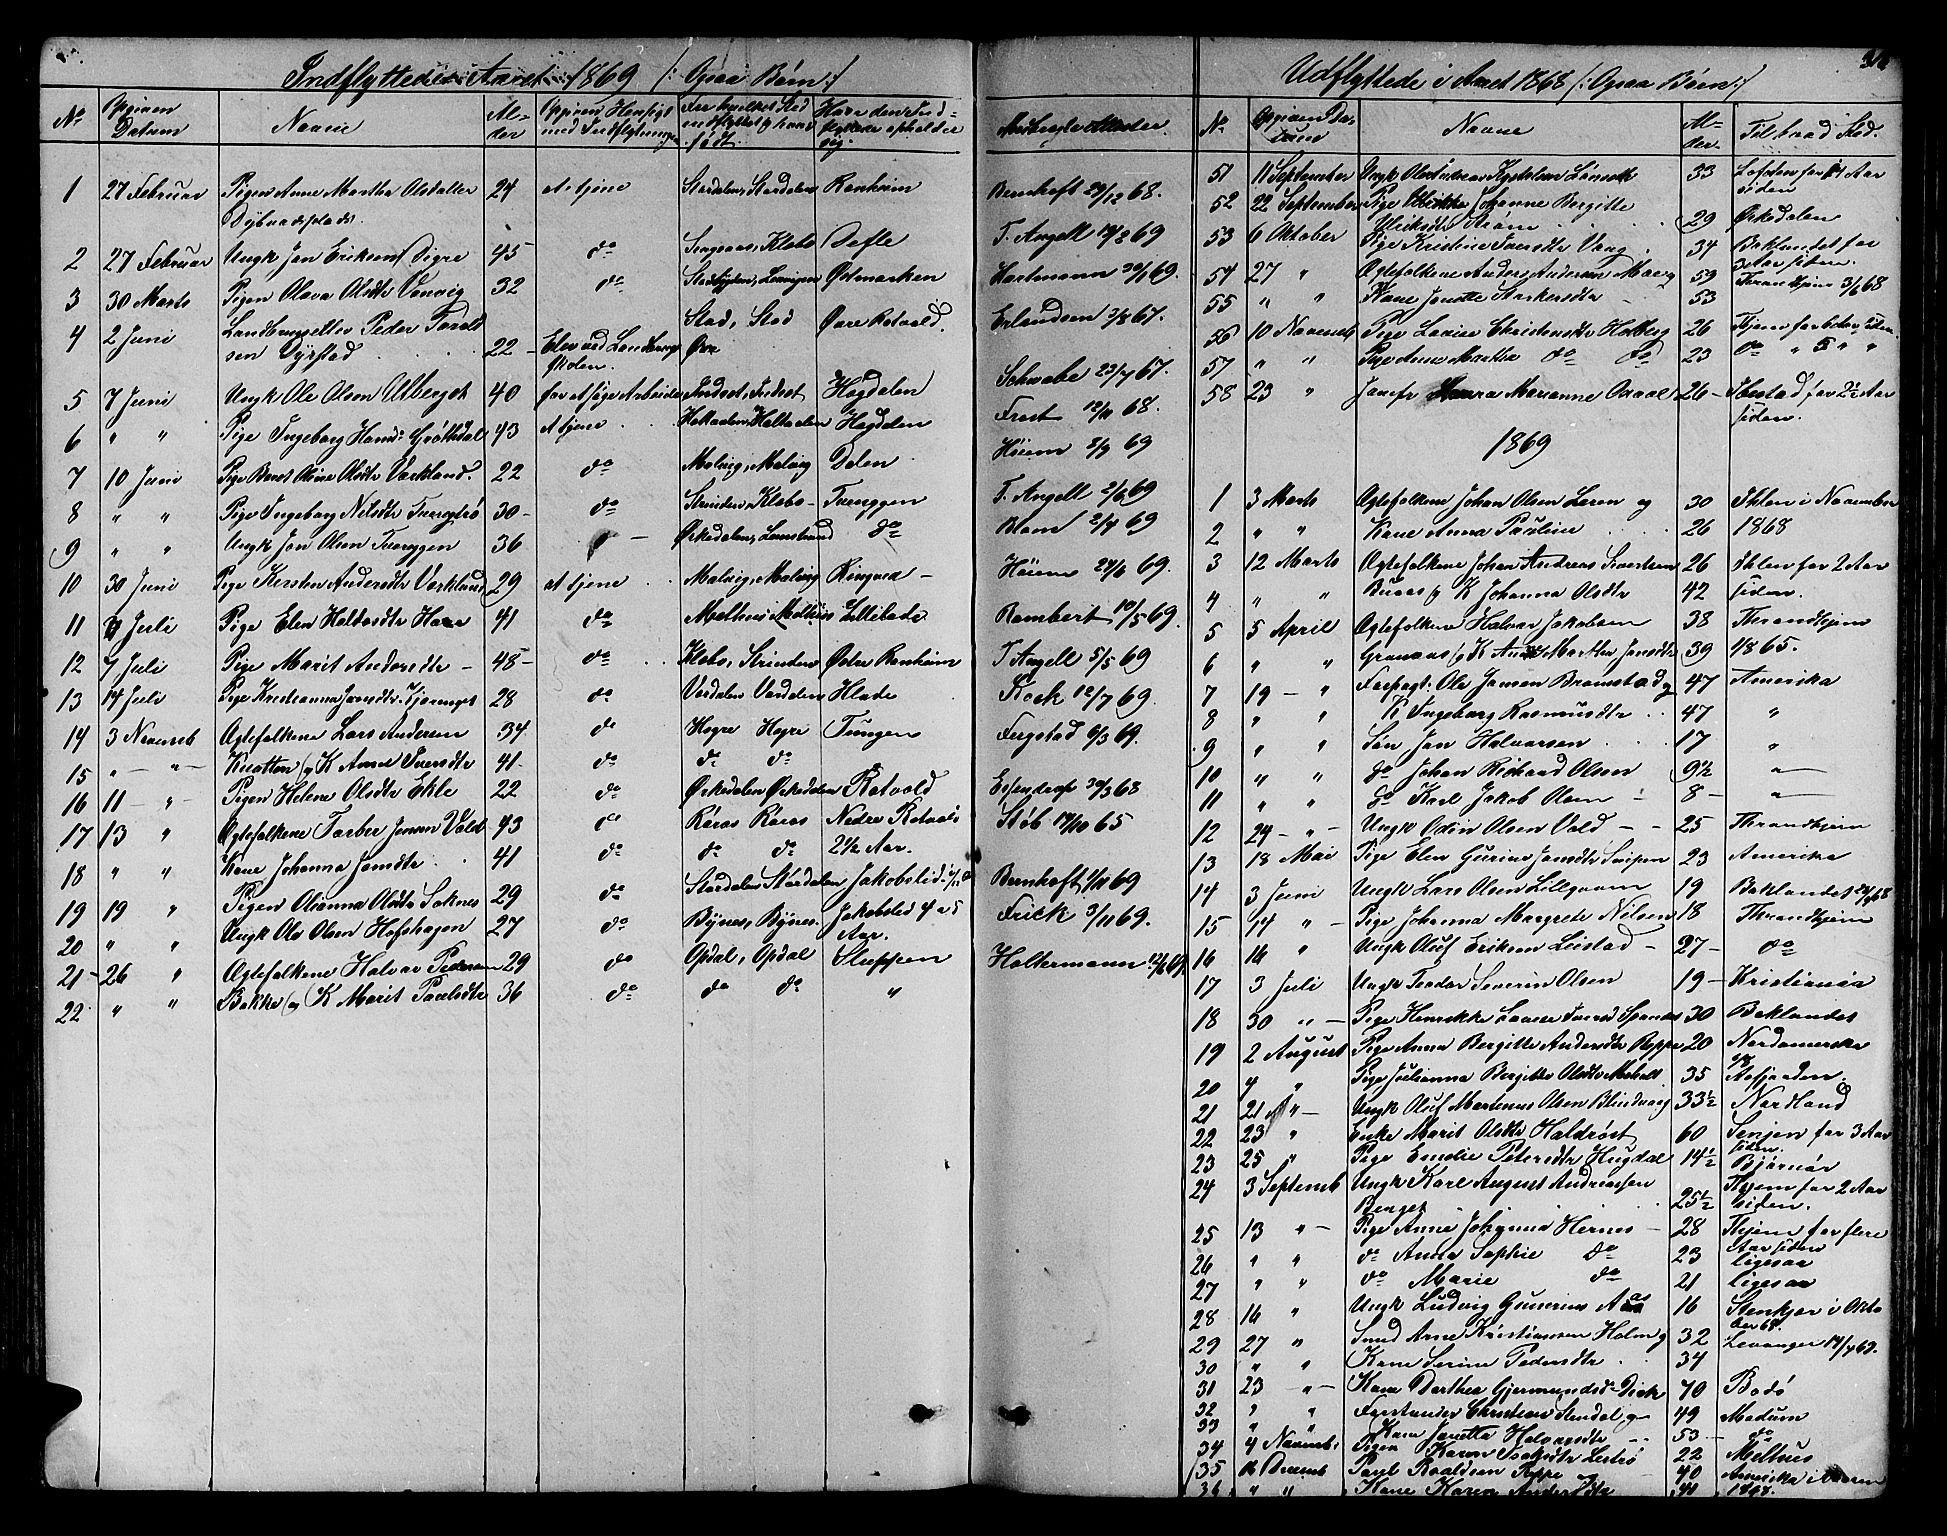 SAT, Ministerialprotokoller, klokkerbøker og fødselsregistre - Sør-Trøndelag, 606/L0311: Klokkerbok nr. 606C07, 1860-1877, s. 316